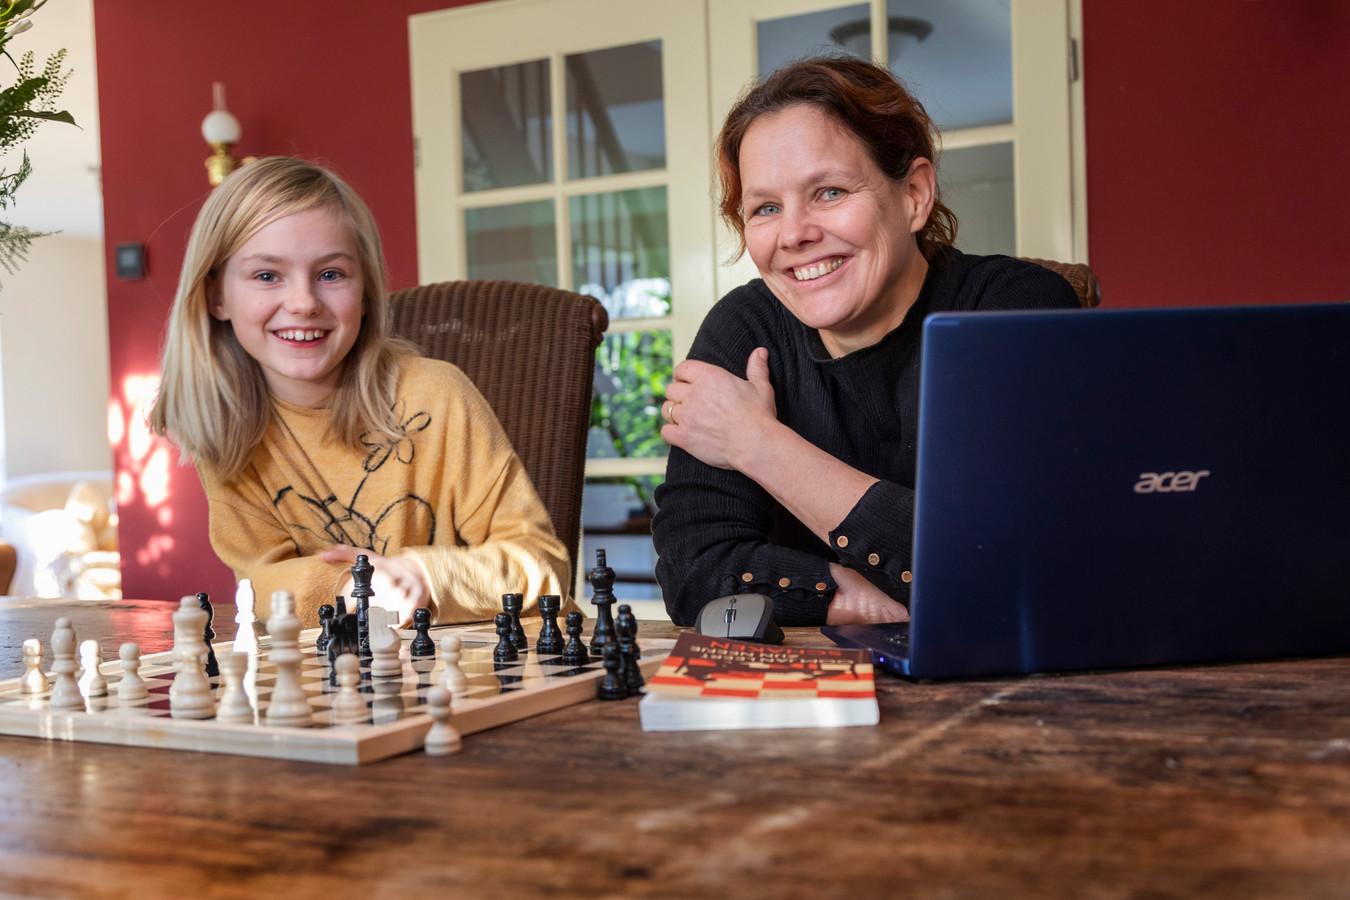 Charlotte van der Vorm schaakt met haar dochter.